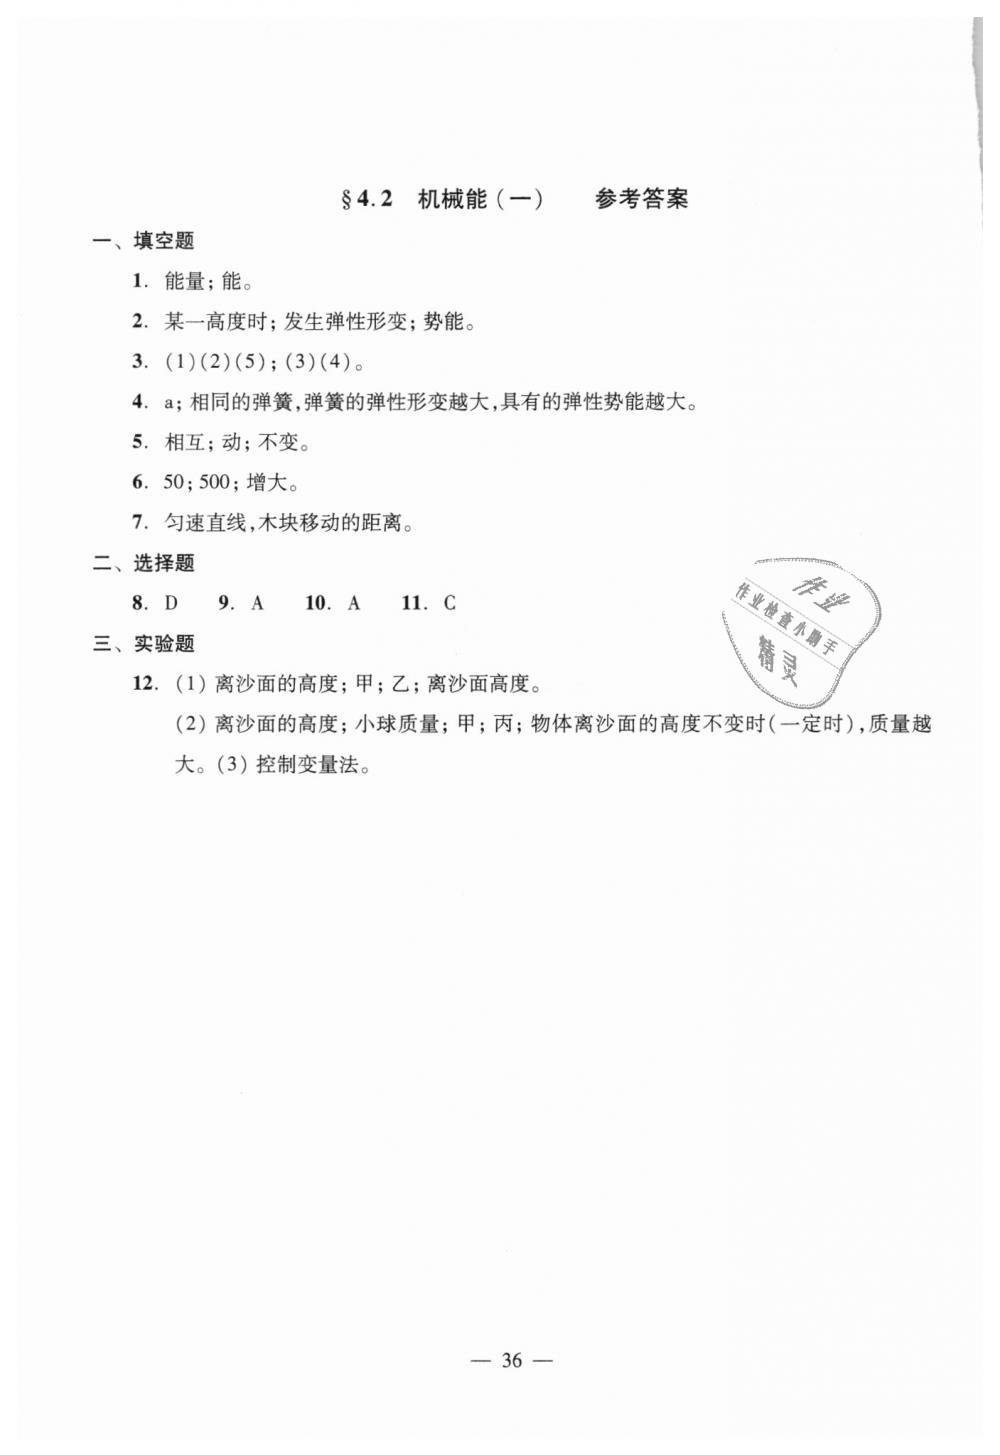 2018年初中物理双基过关堂堂练八年级全一册沪教版第36页